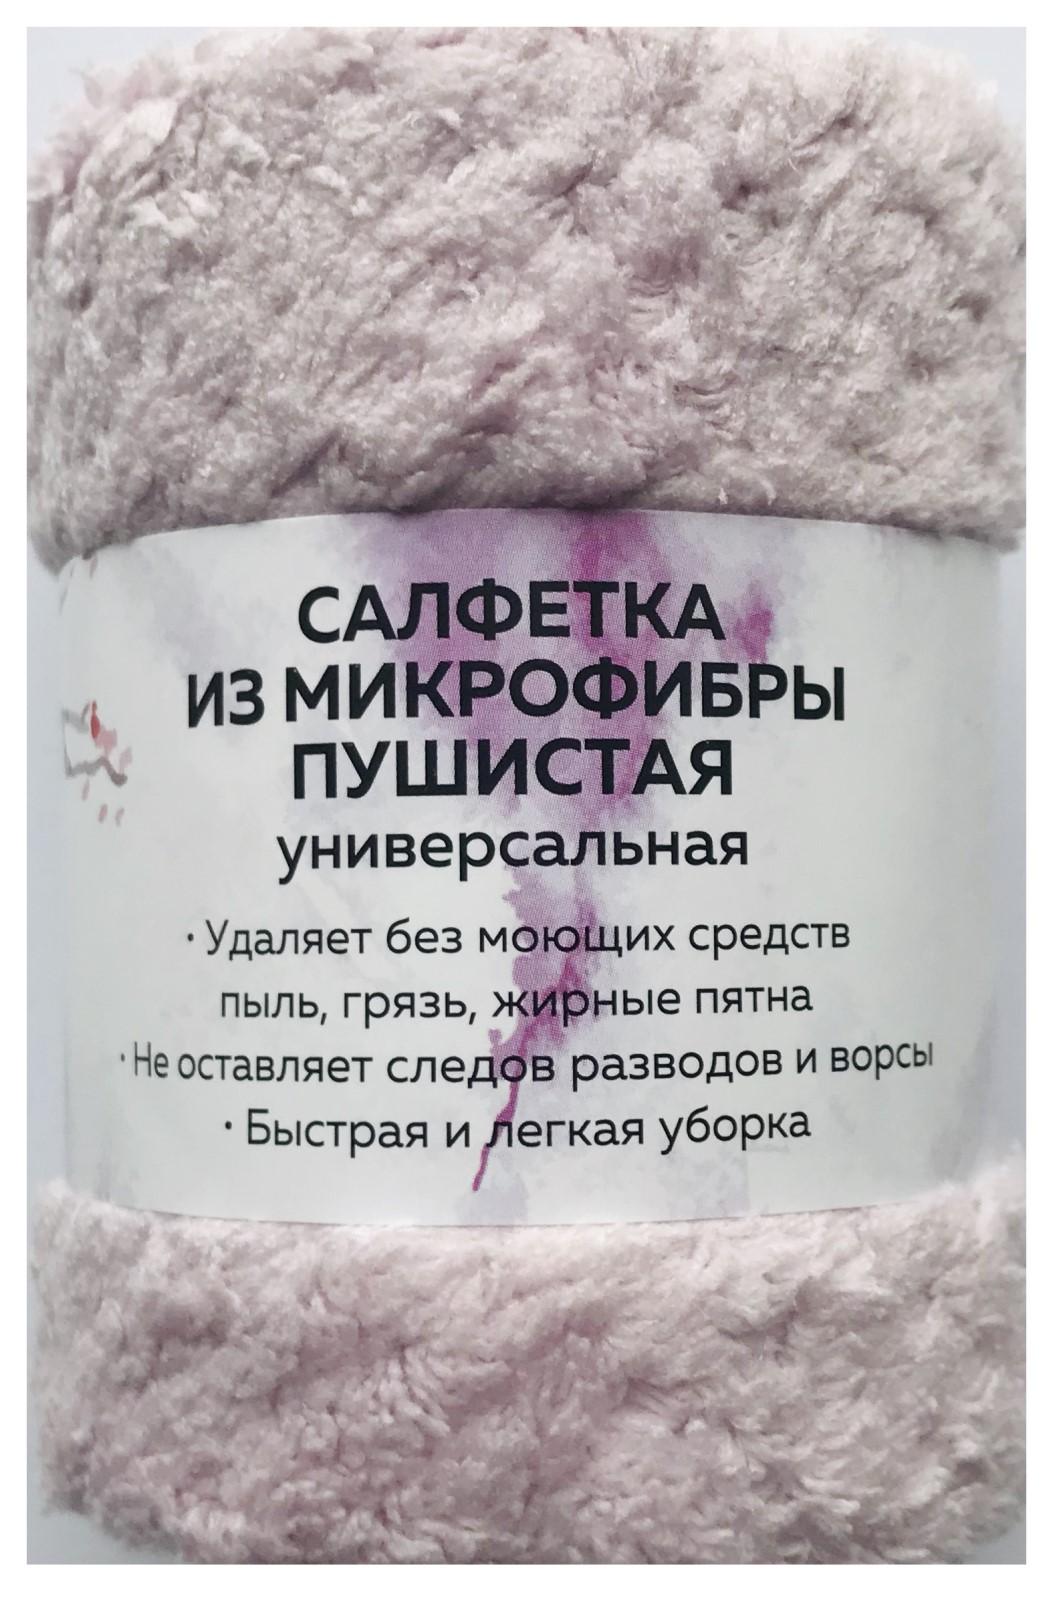 Салфетка himkor S021G, фиолетовый утюг оставляет пятна